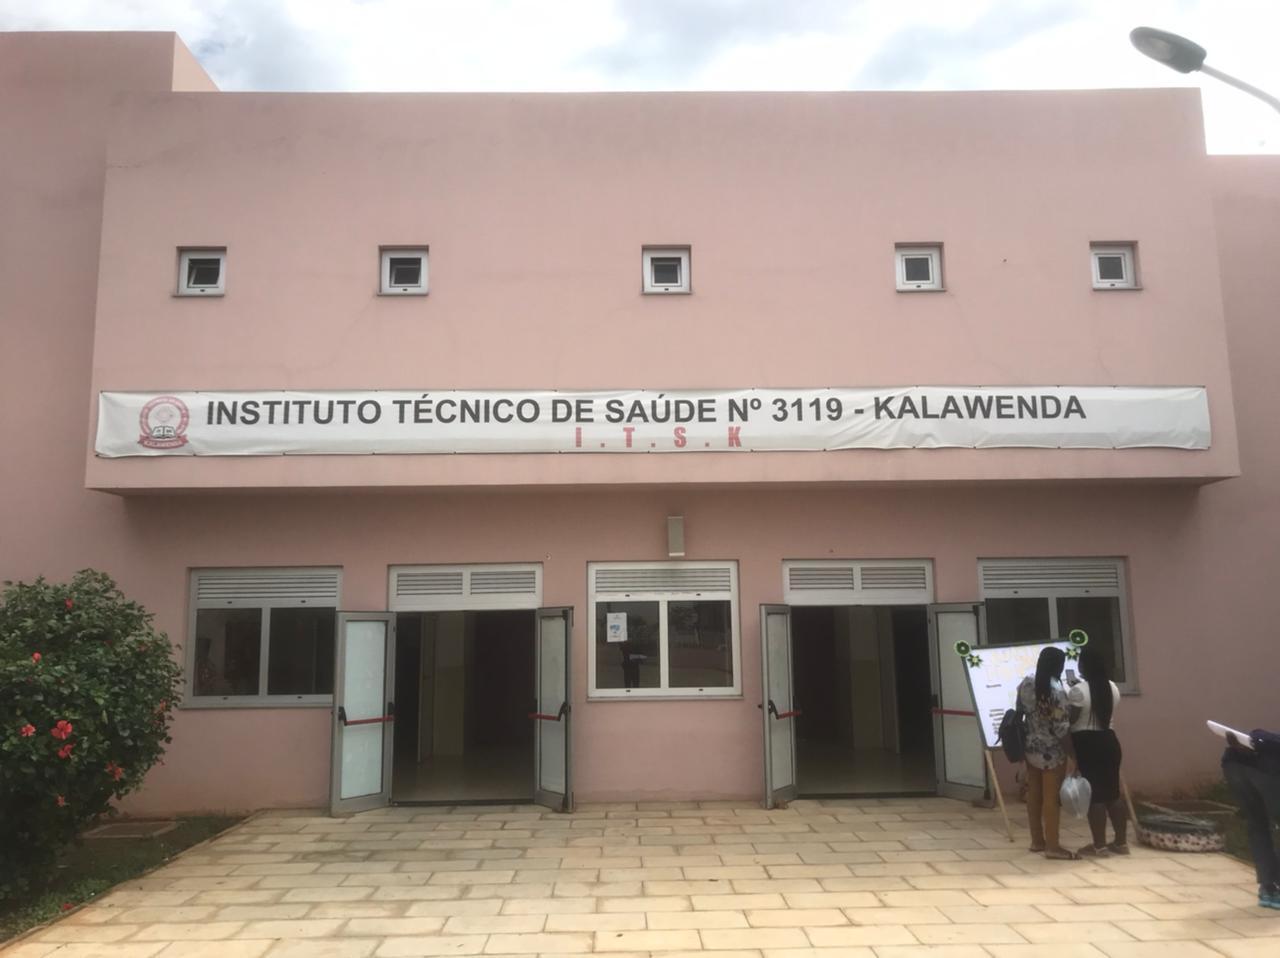 Instituto Tecnico de Saúde do bairro Kalawenda no Cazenga, em Luanda